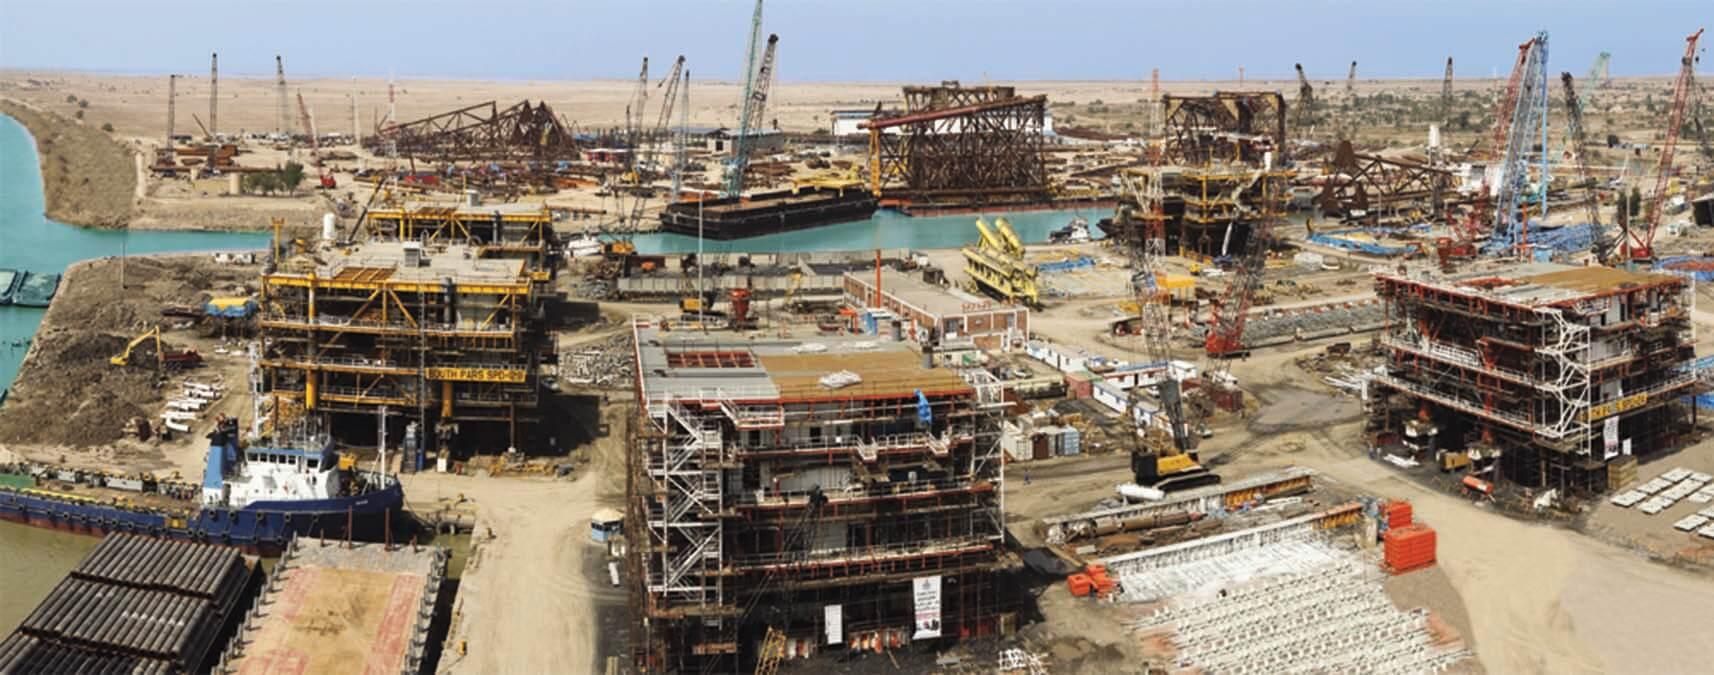 ساخت پنج سکوی دریایی میدانهای نفتی ابوذر، فروزان و رسالت در خرمشهر